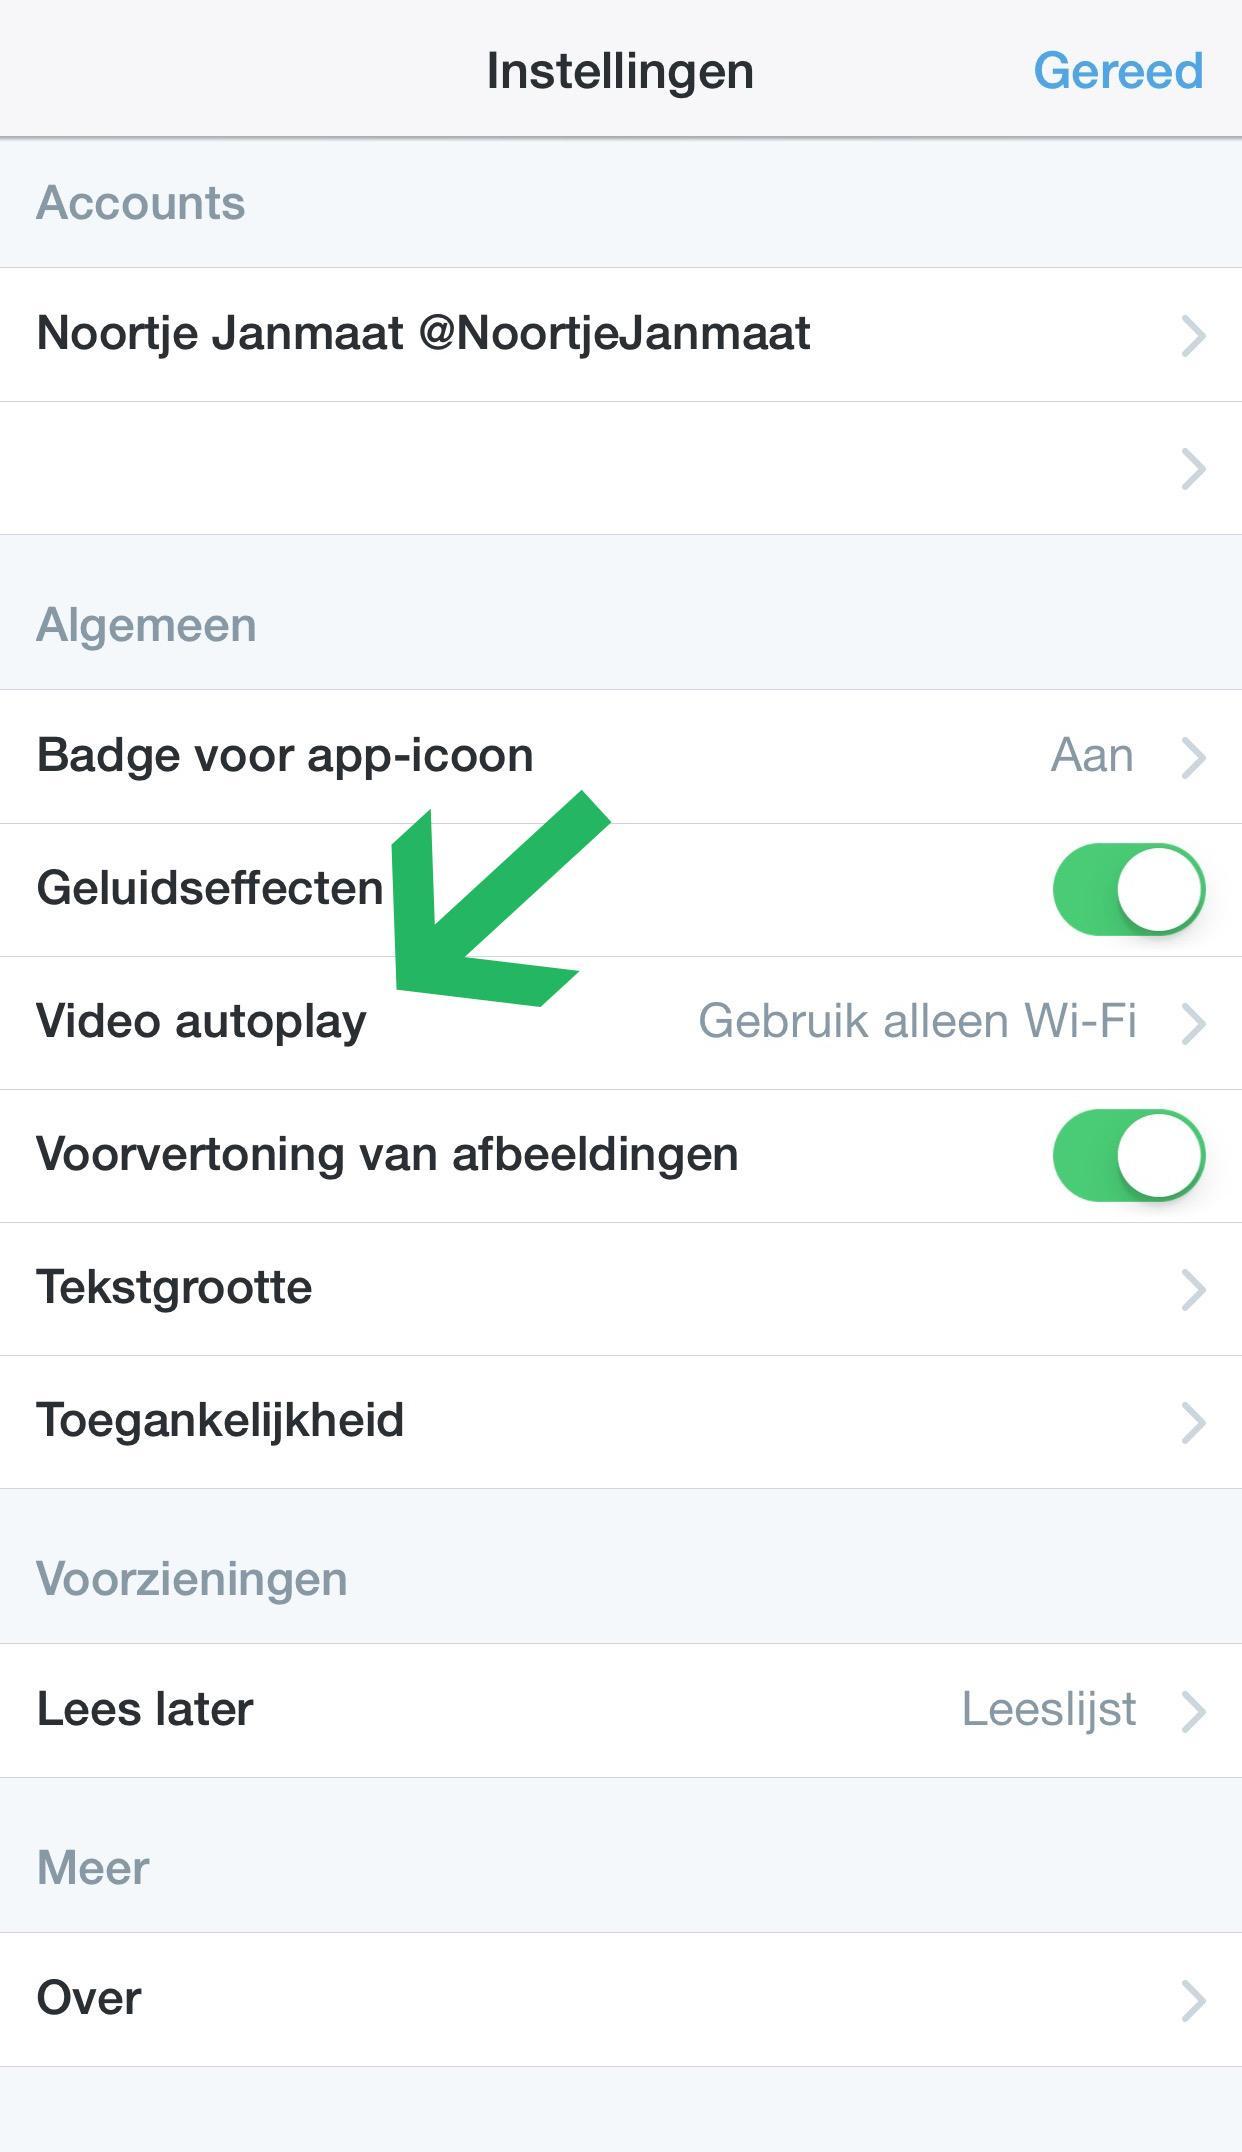 Twitter-video-autoplay-uitzetten-op-iPhone-stap-2